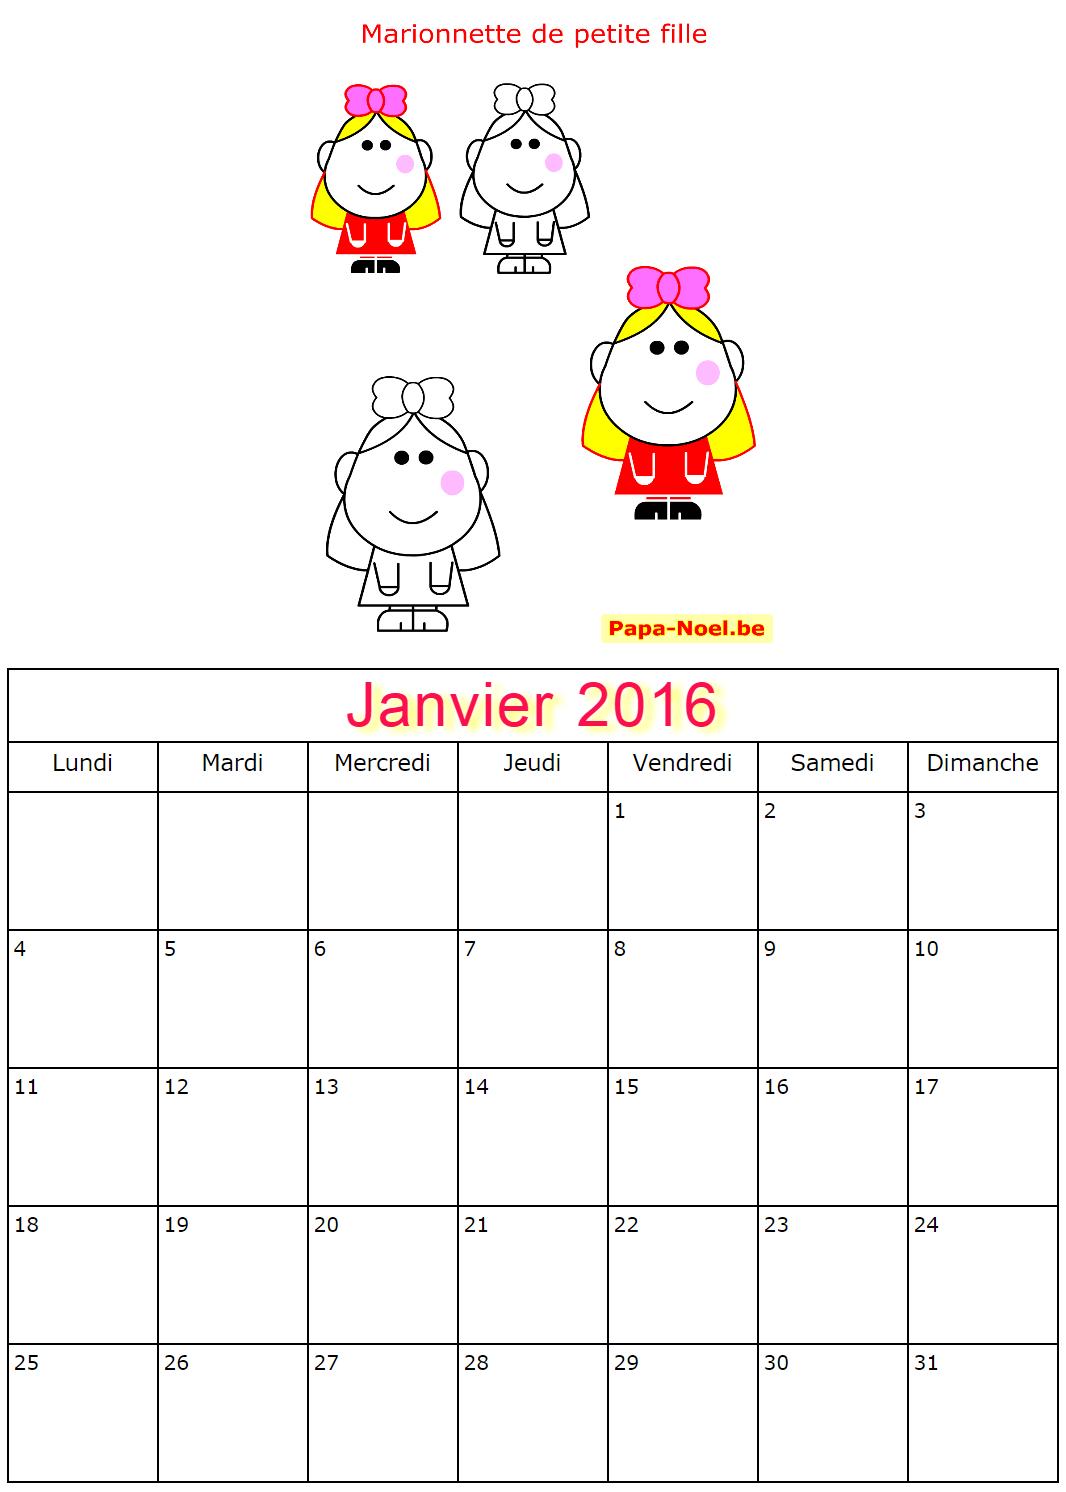 Calendriers de janvier 2016 à imprimer gratuit dessin de petite fille ...